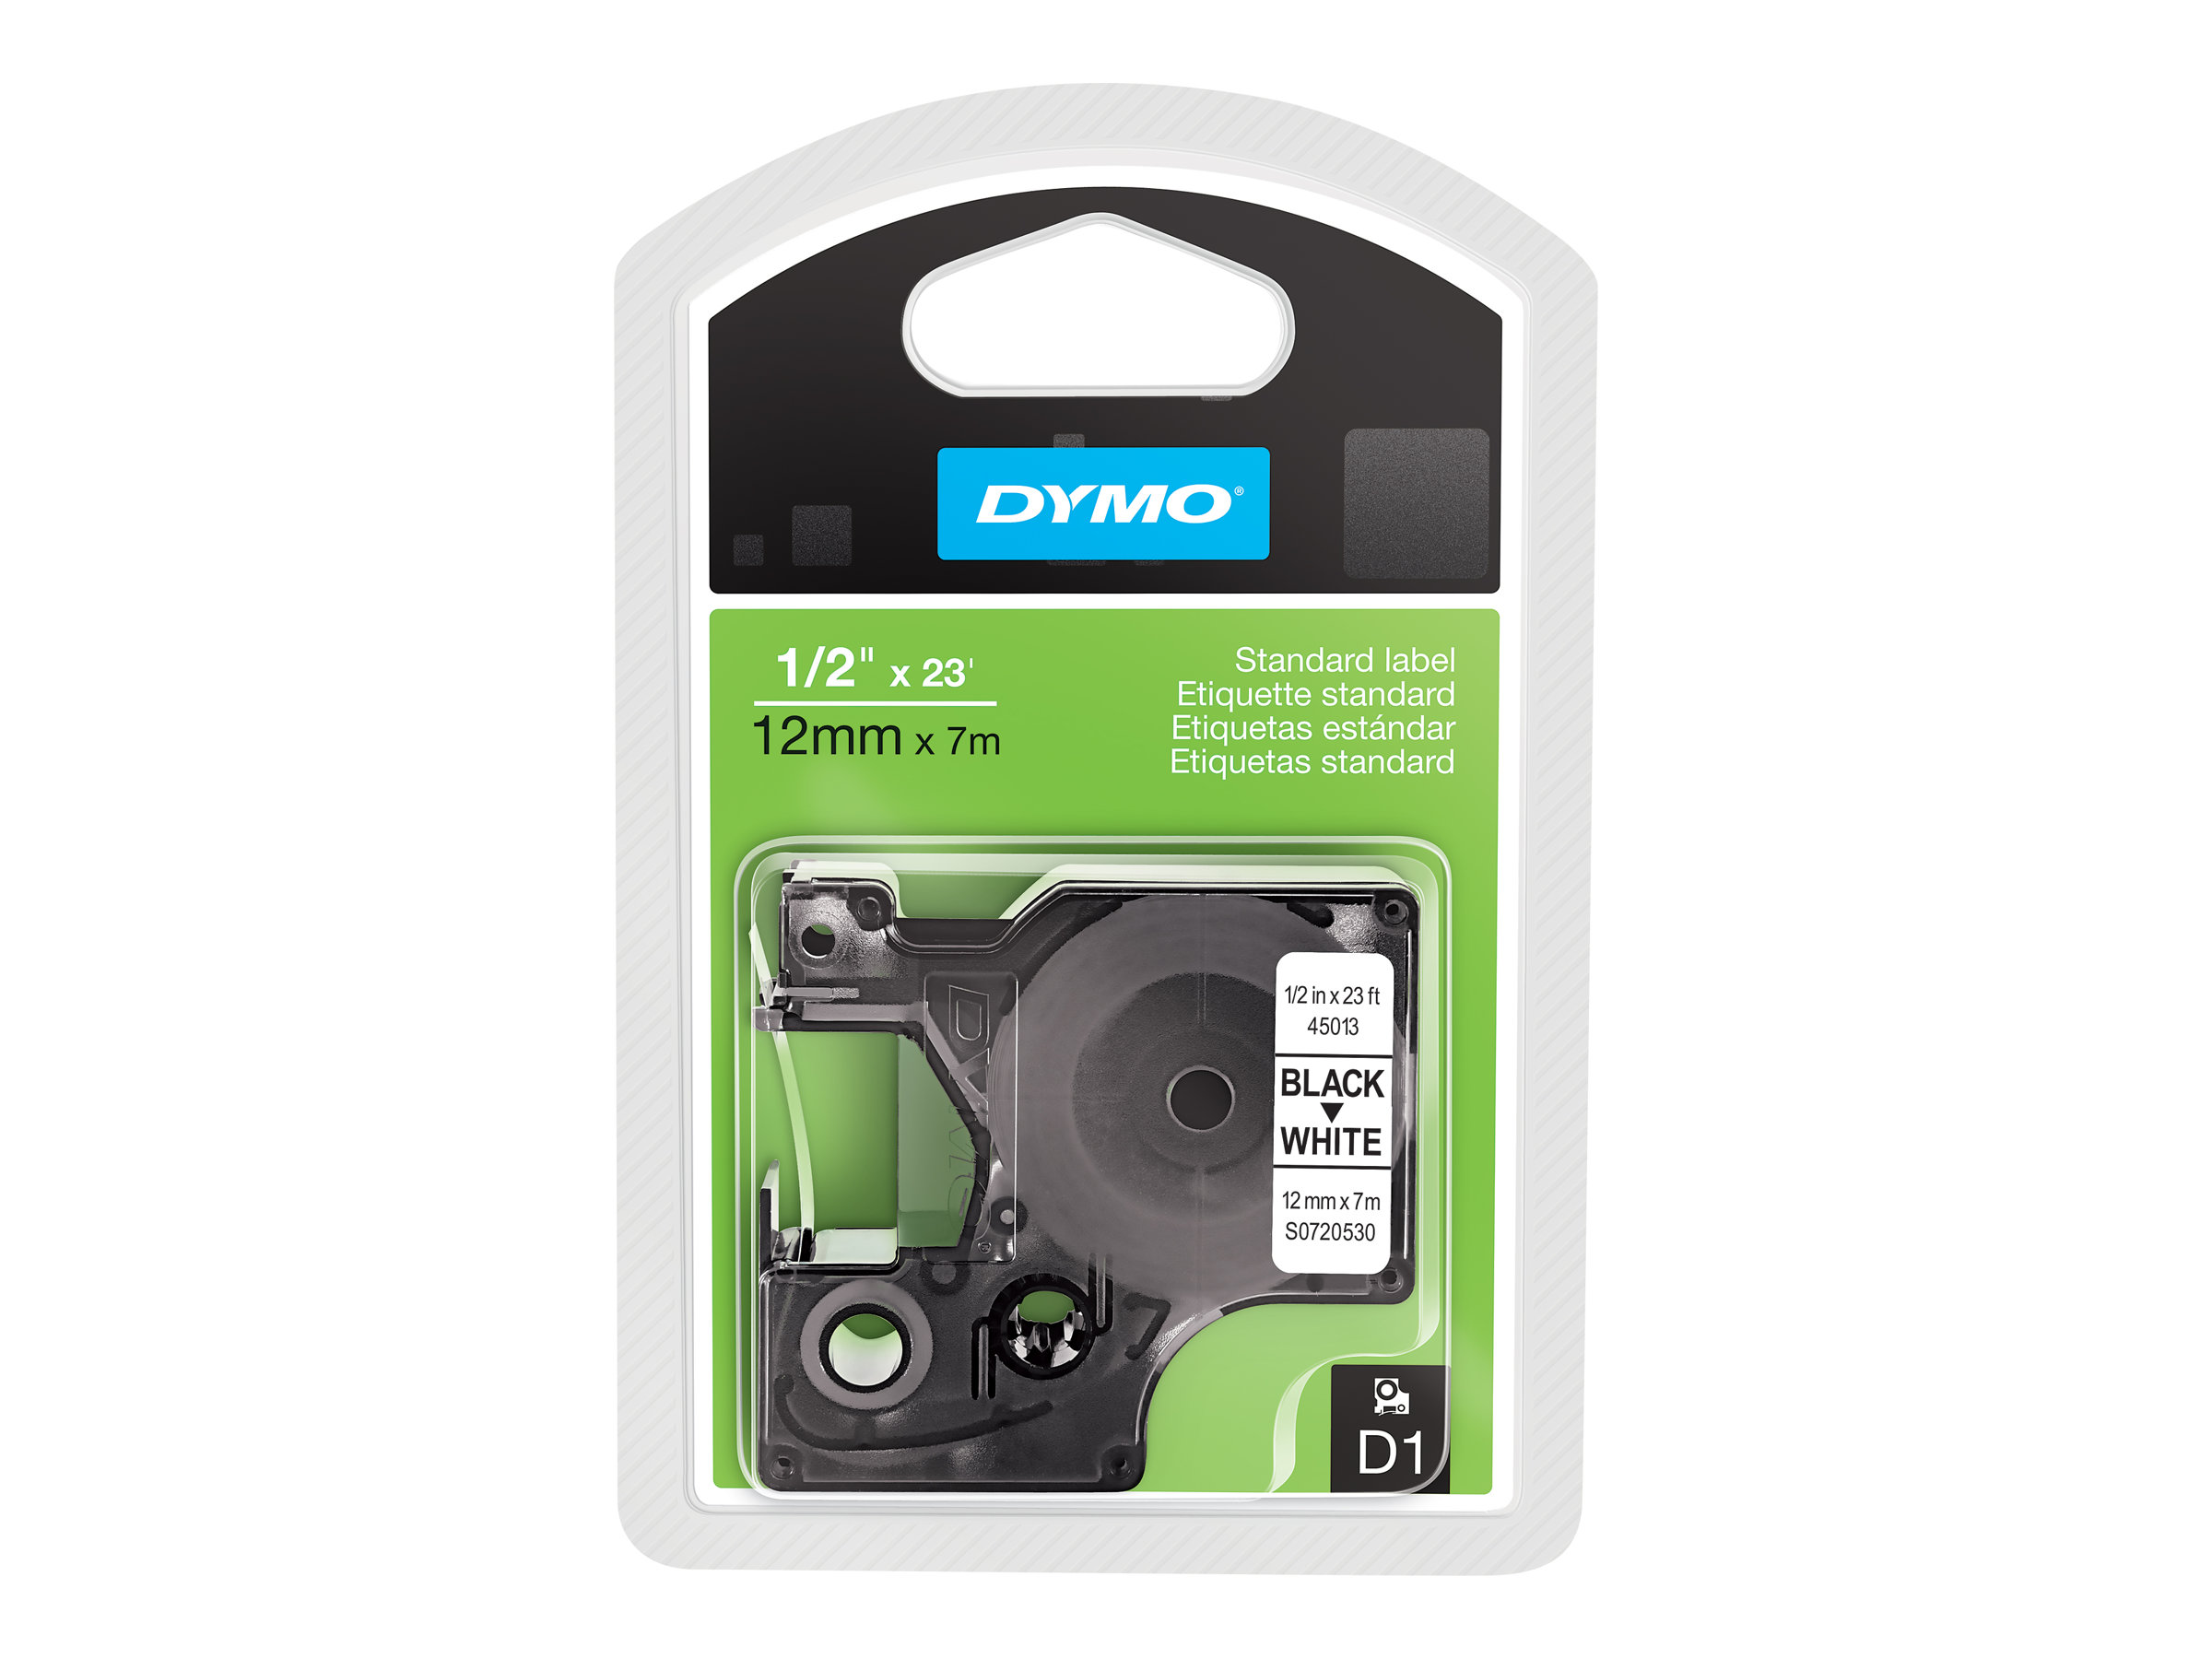 DYMO D1 - Selbstklebend - Schwarz auf Weiss - Rolle (1,2 cm x 7 m) 1 Rolle(n) Etikettenband - für LabelMANAGER 100, 160, 210, 22